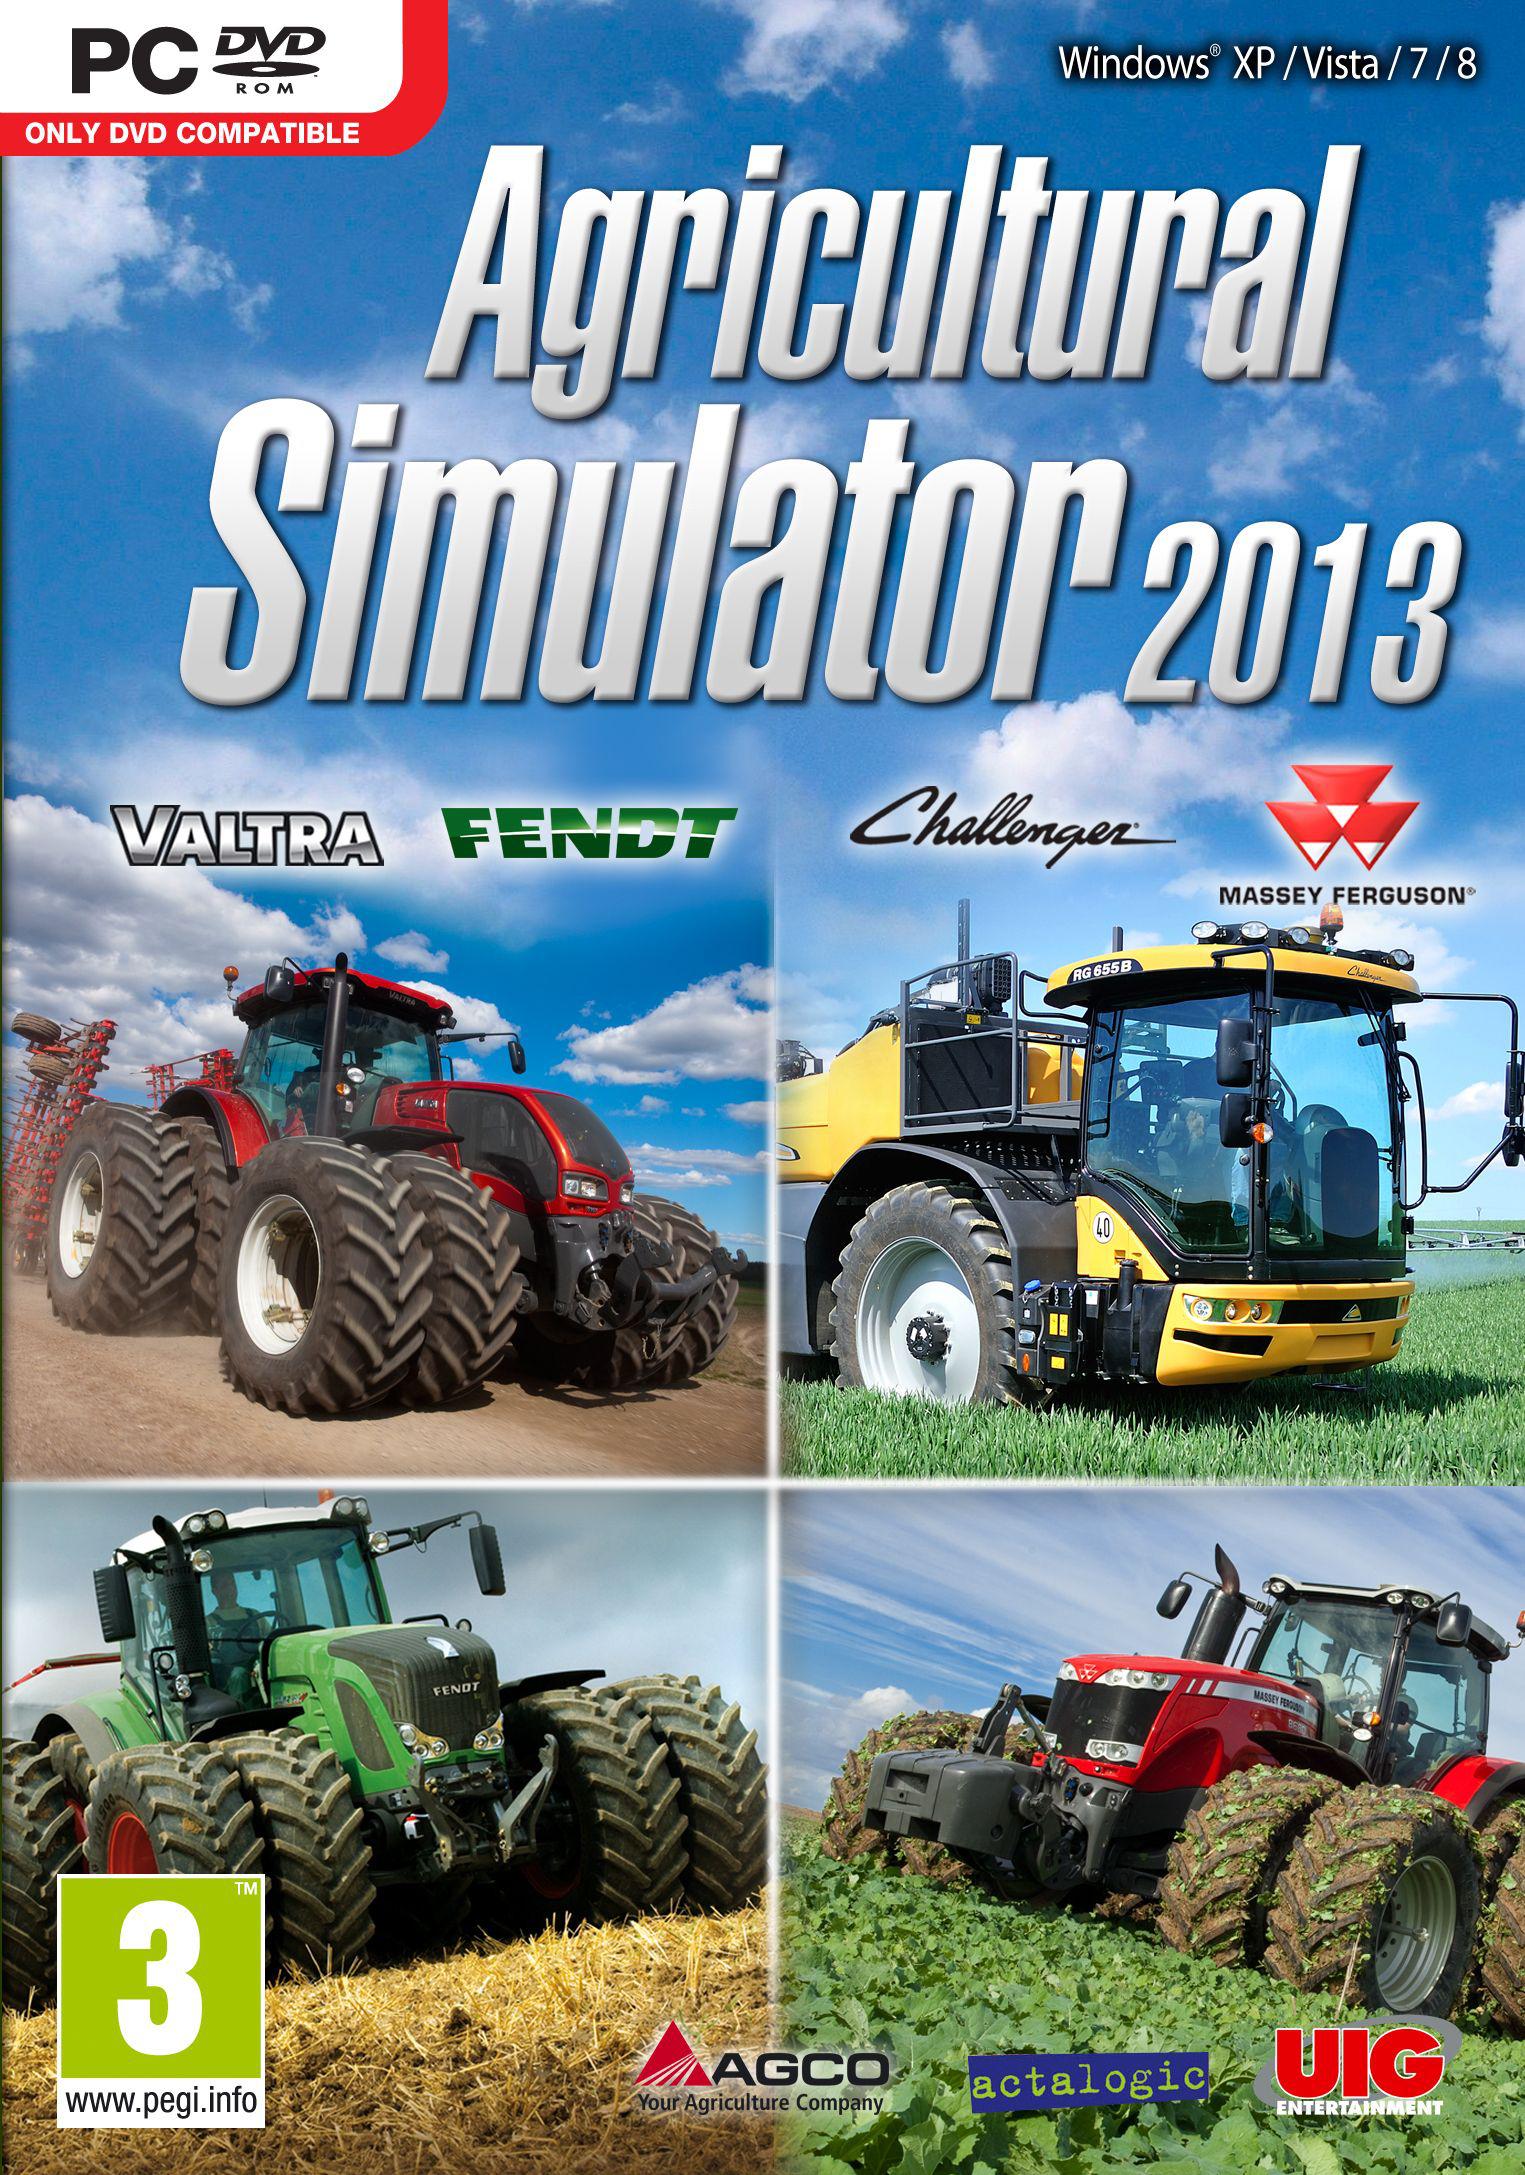 Jusqu'à -80% sur les jeux Simulators (Dématérialisé) - Ex: Agricultural simulator 2013